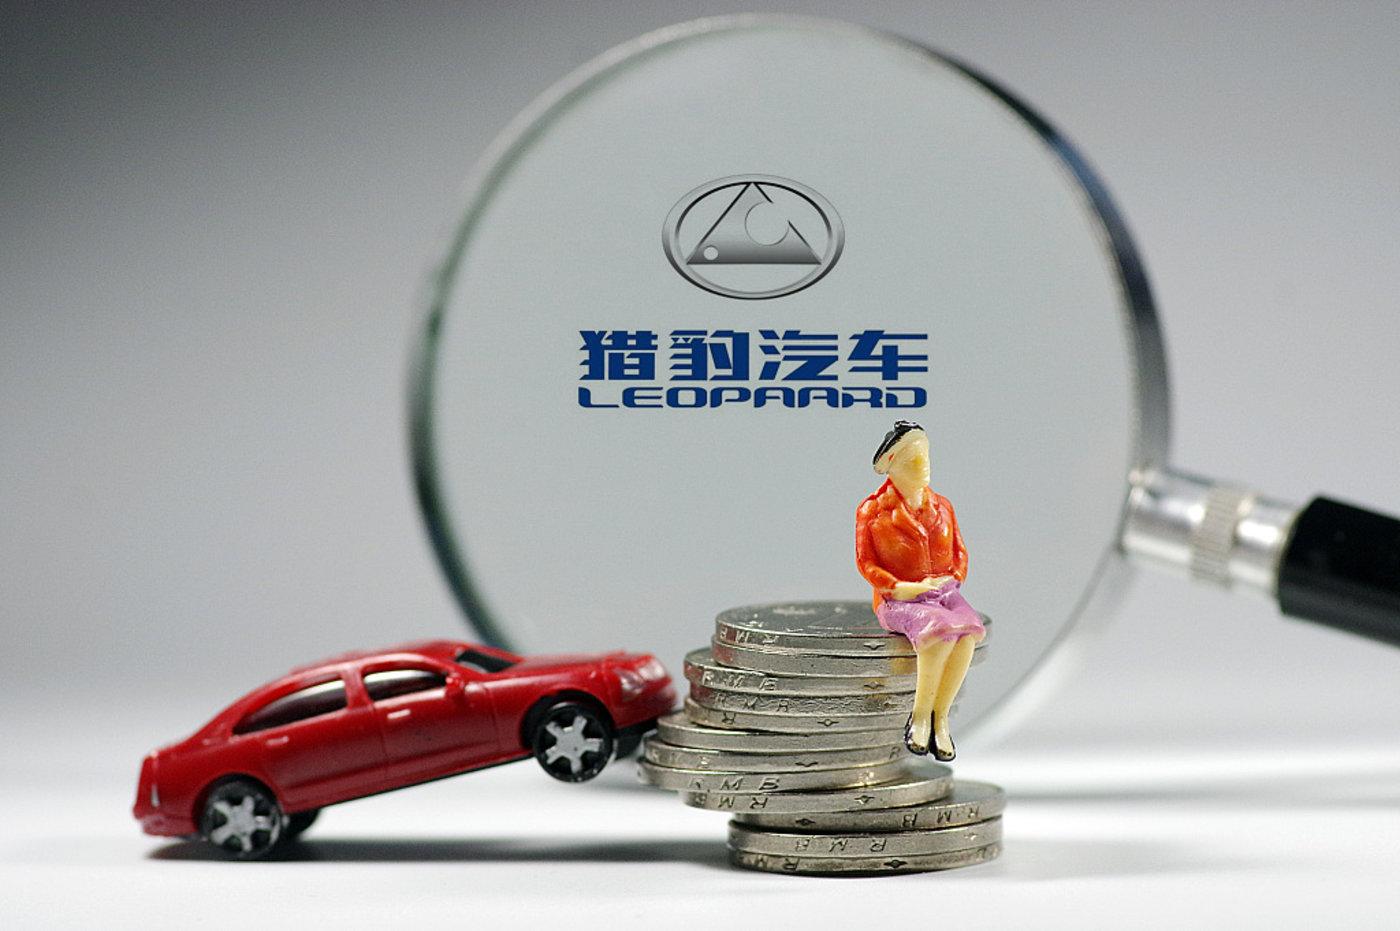 http://www.carsdodo.com/xiaoliangshuju/193687.html